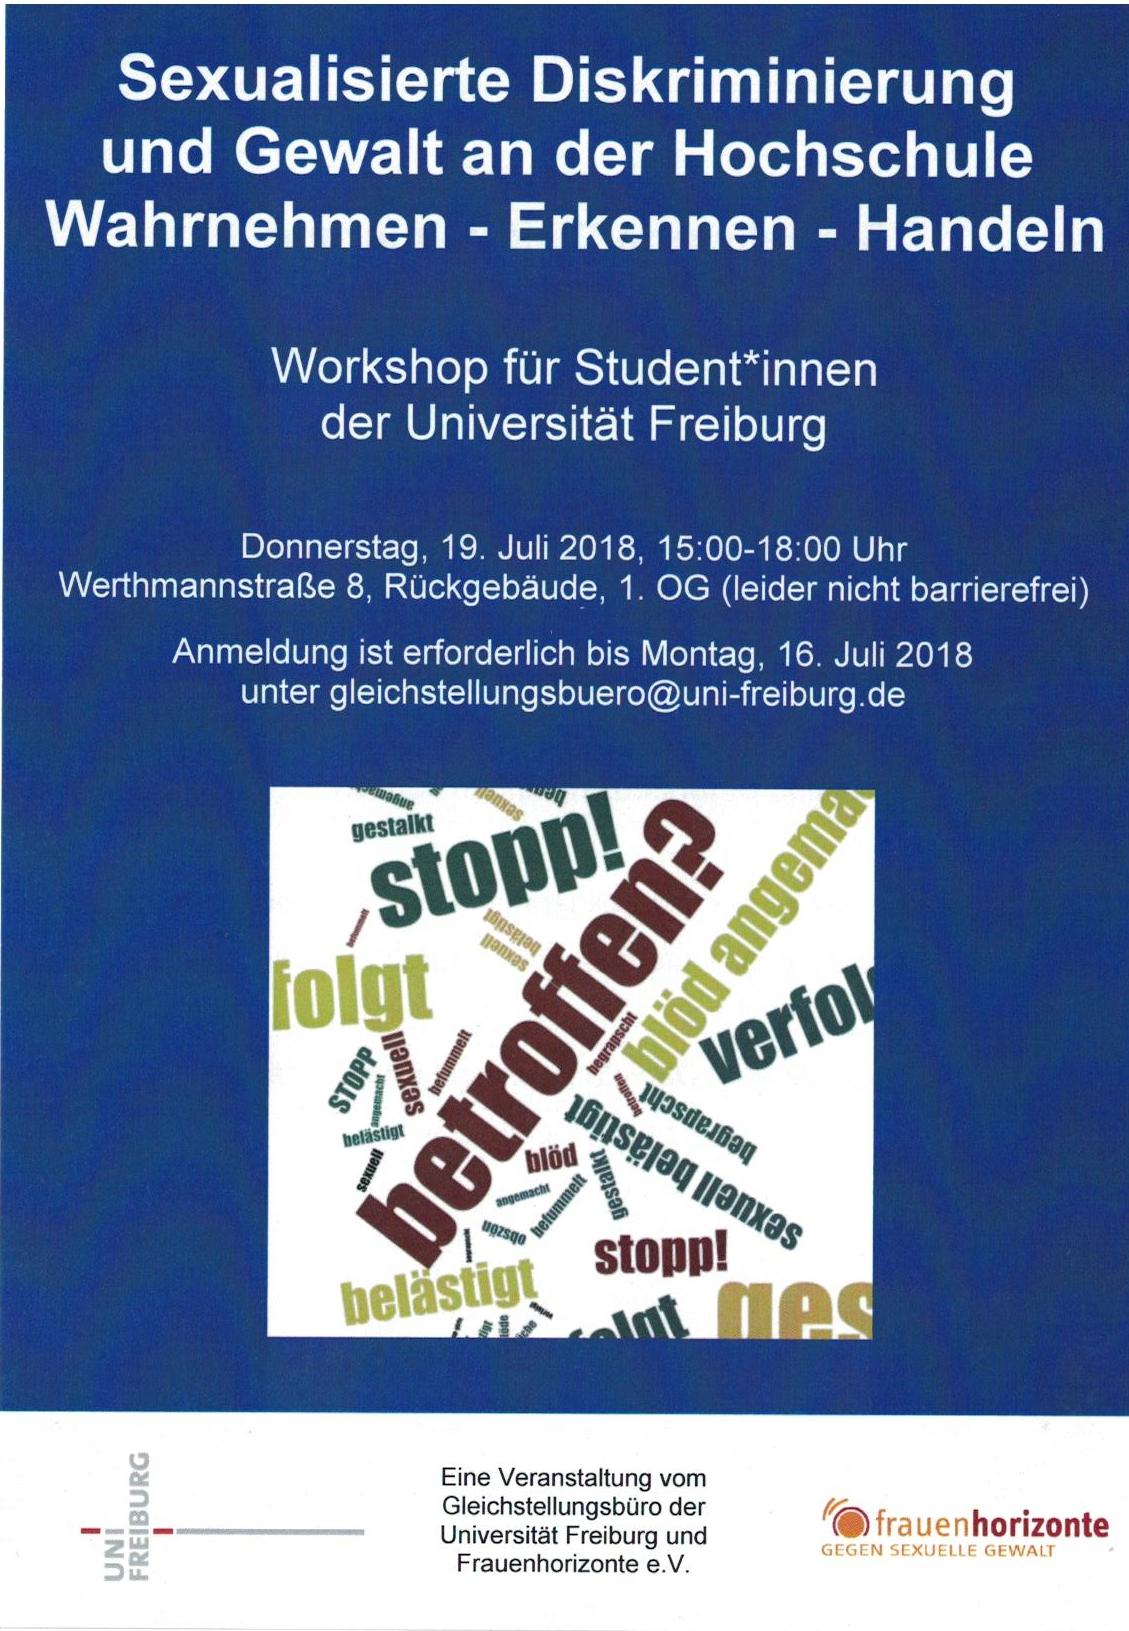 Flyer Sexualisierte Gewalt an der Hochschule 001.png